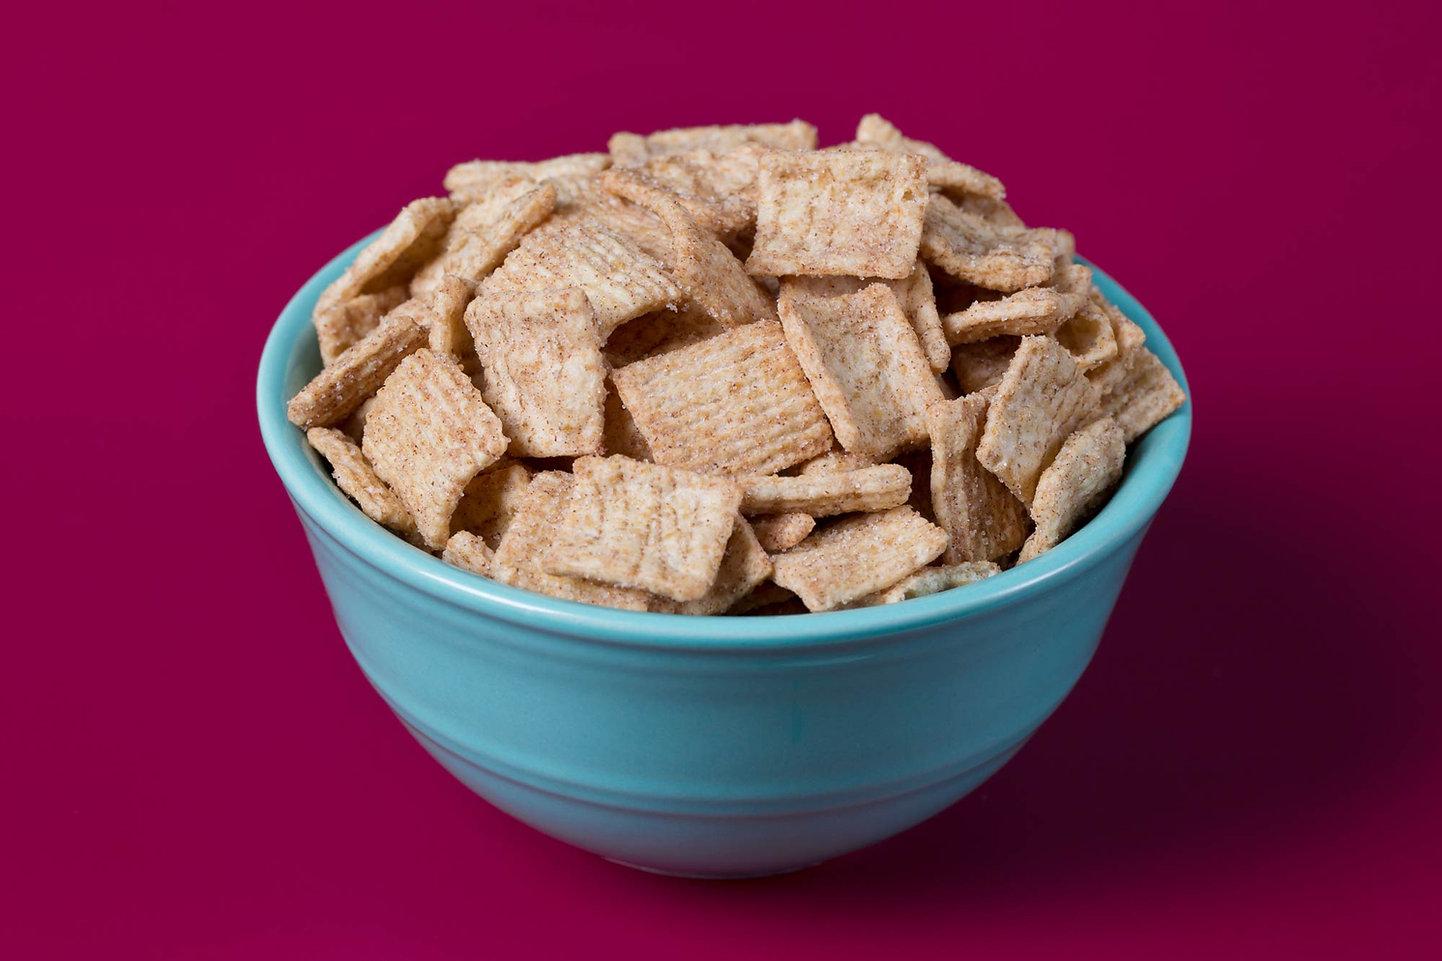 cinnamon-cereal-blue-bowl-hot-pink-backg